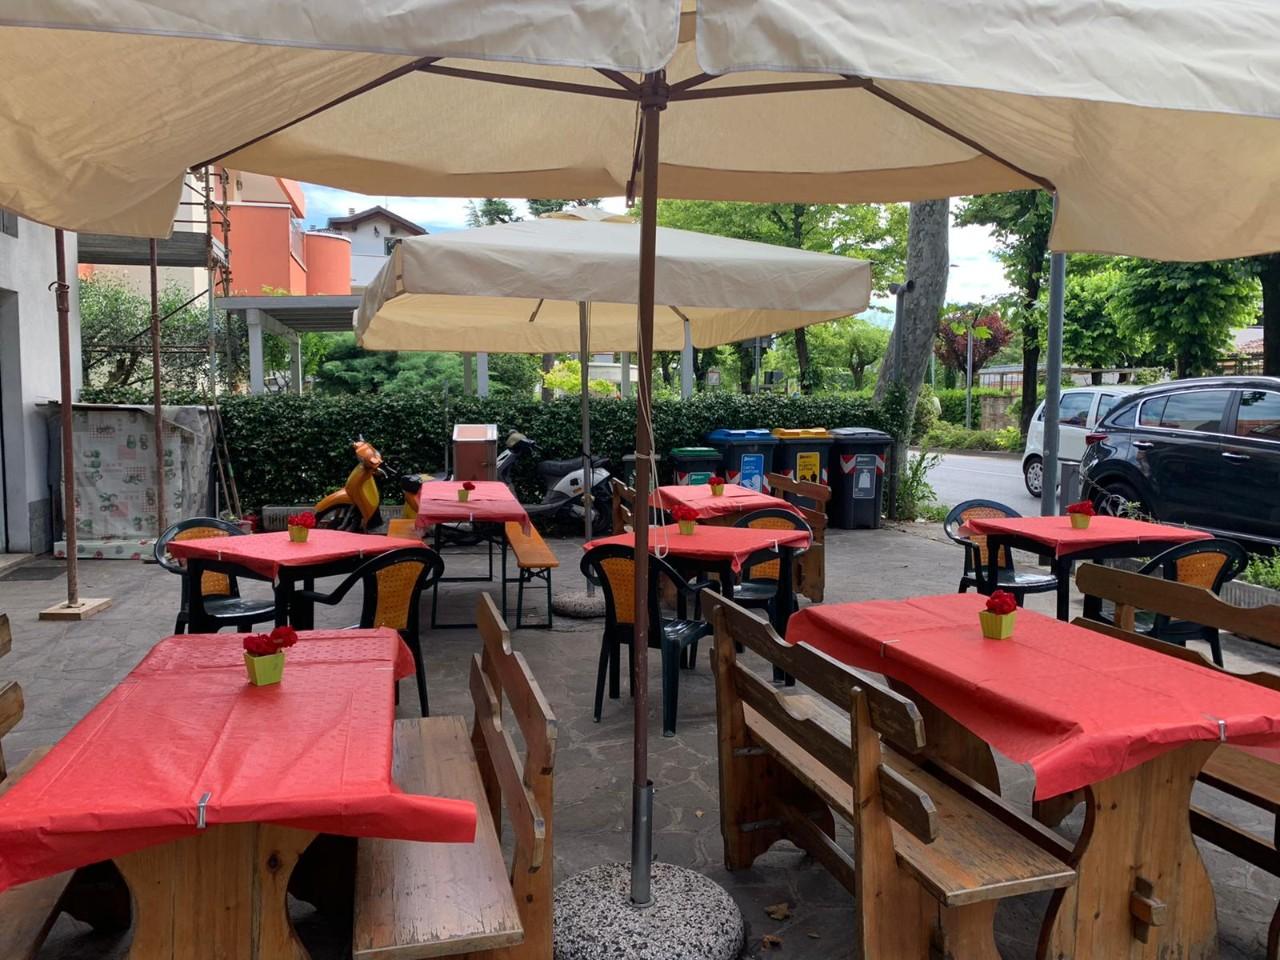 Ristorante / Pizzeria in vendita Rimini Zona Fiera Vecchia